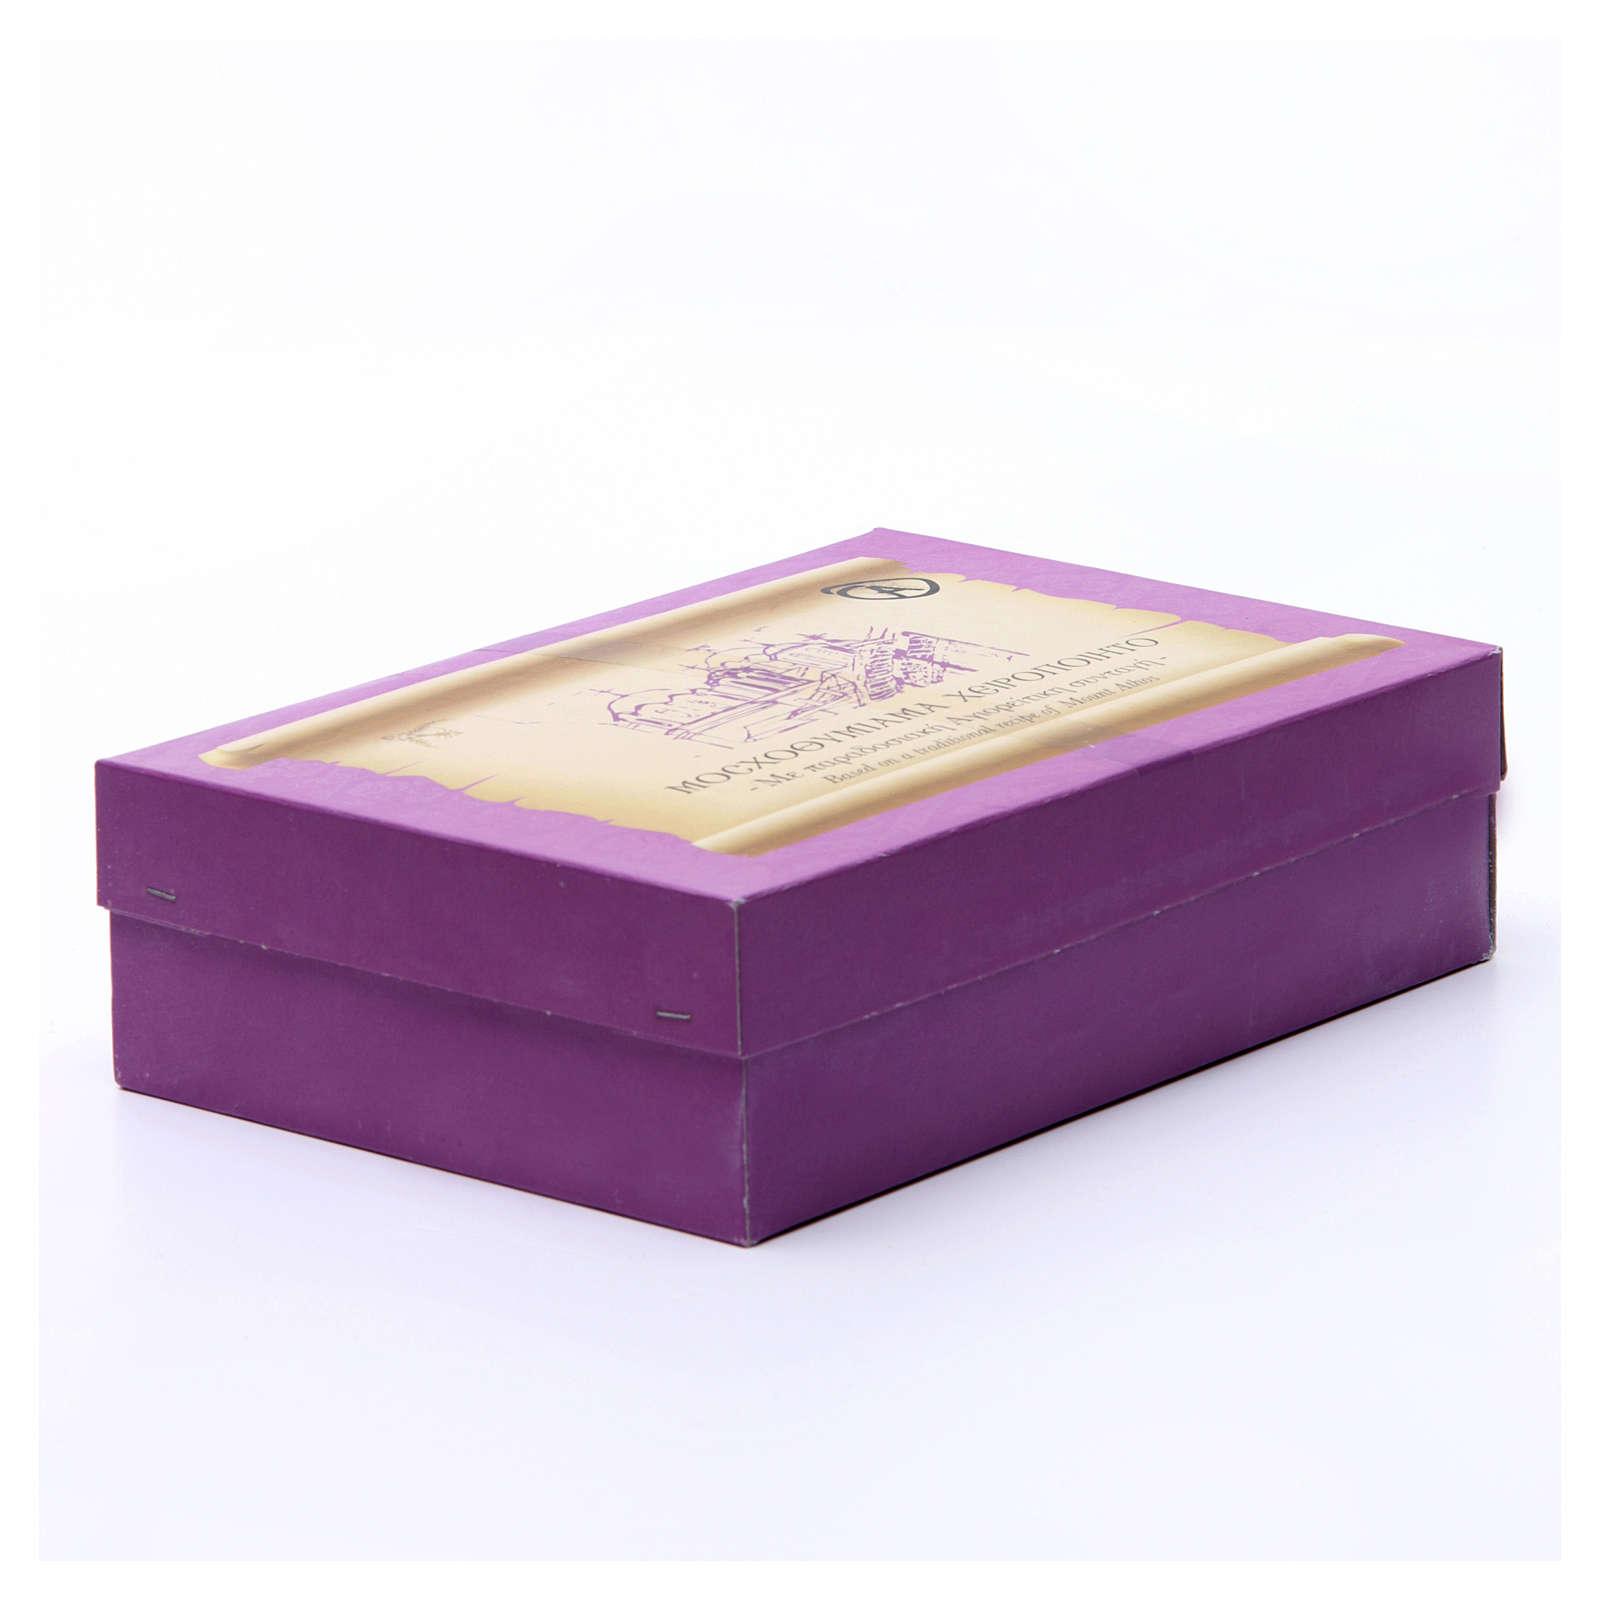 Honeysuckle Greek incense 1 kg 3